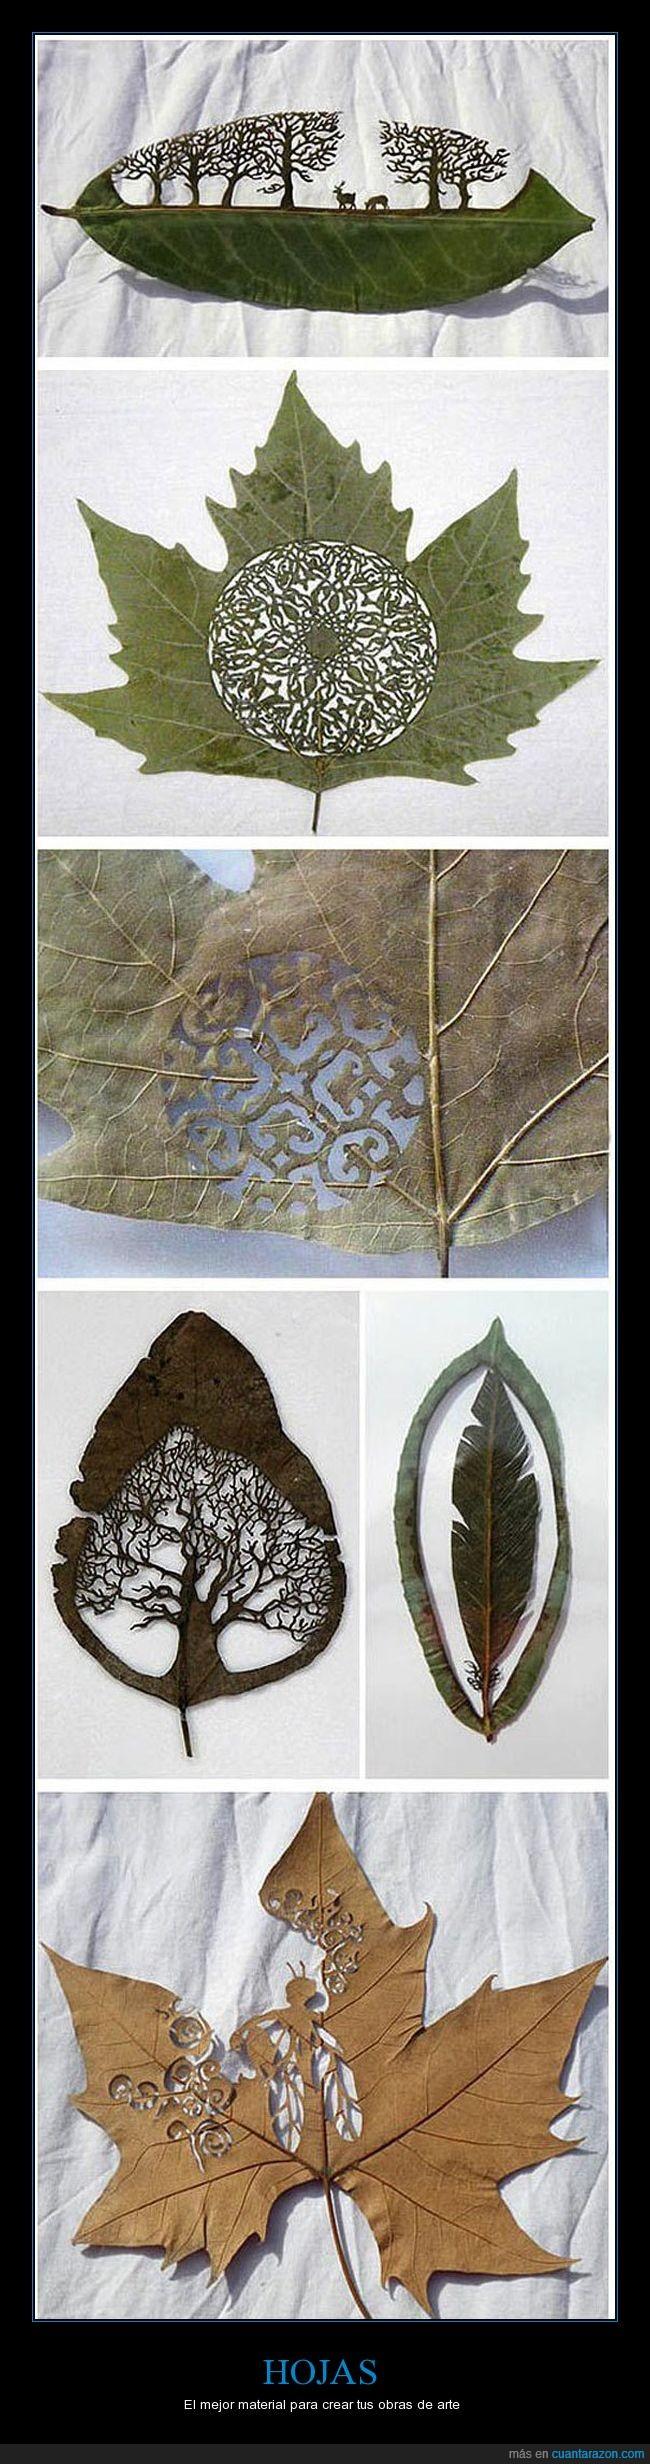 arte,hojas,material,obras